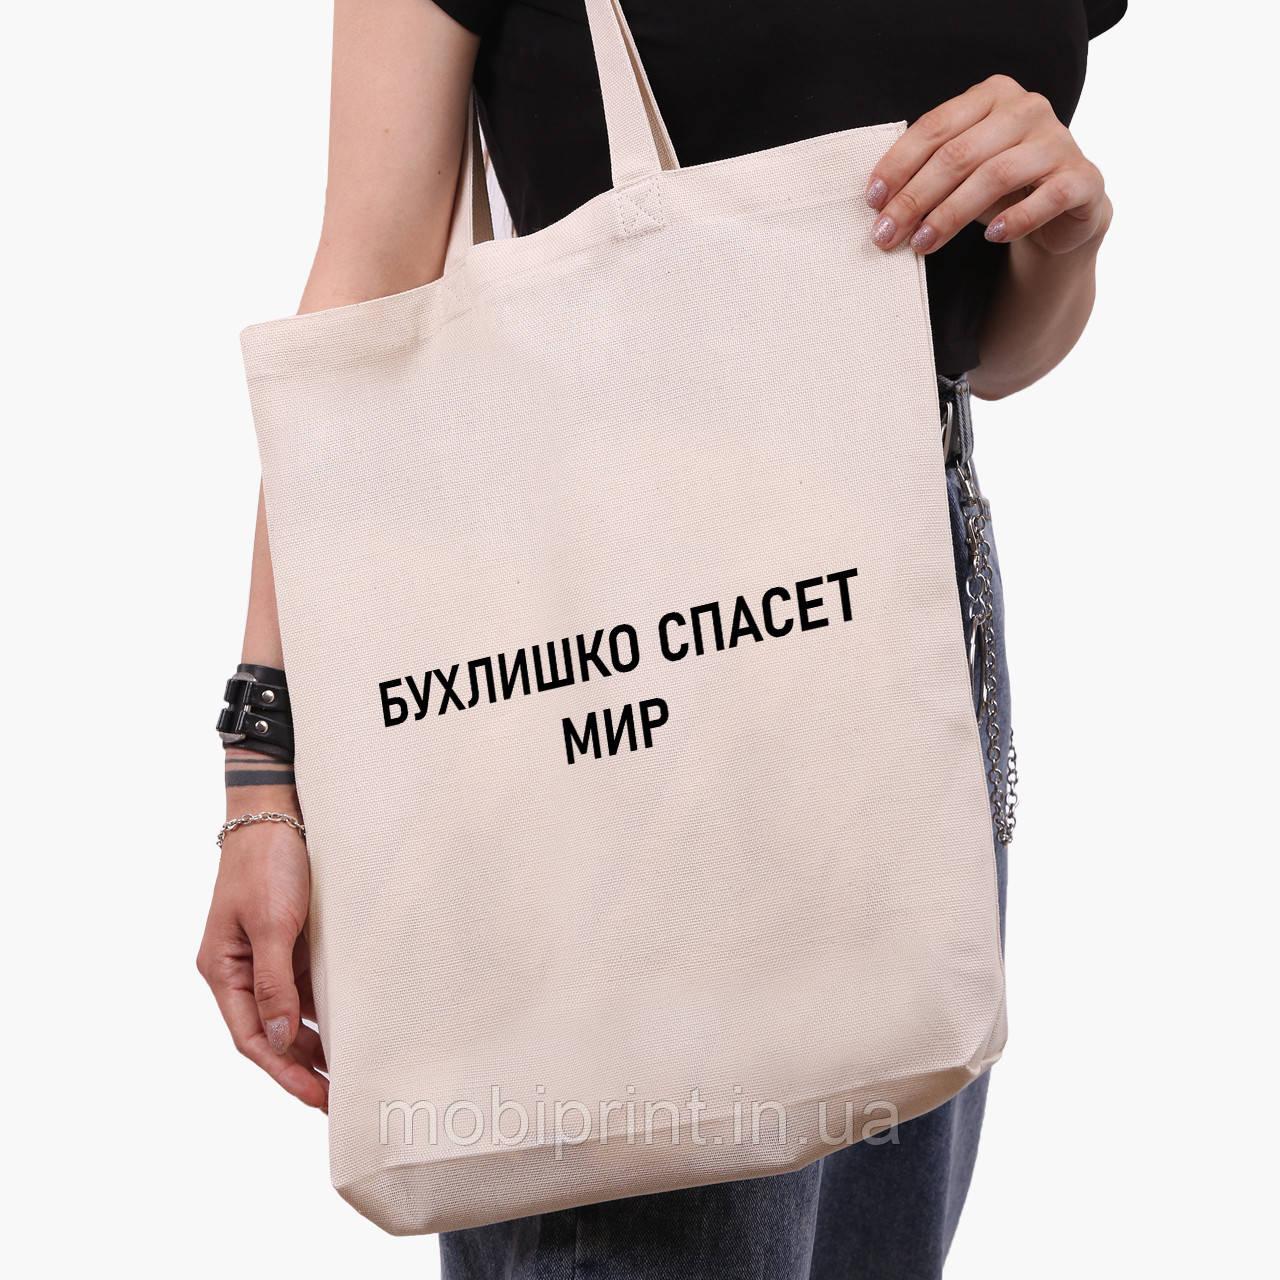 Еко сумка шоппер біла Бухлишко врятує світ (Alcohol will save the world) (9227-1779-1) 41*39*8 см